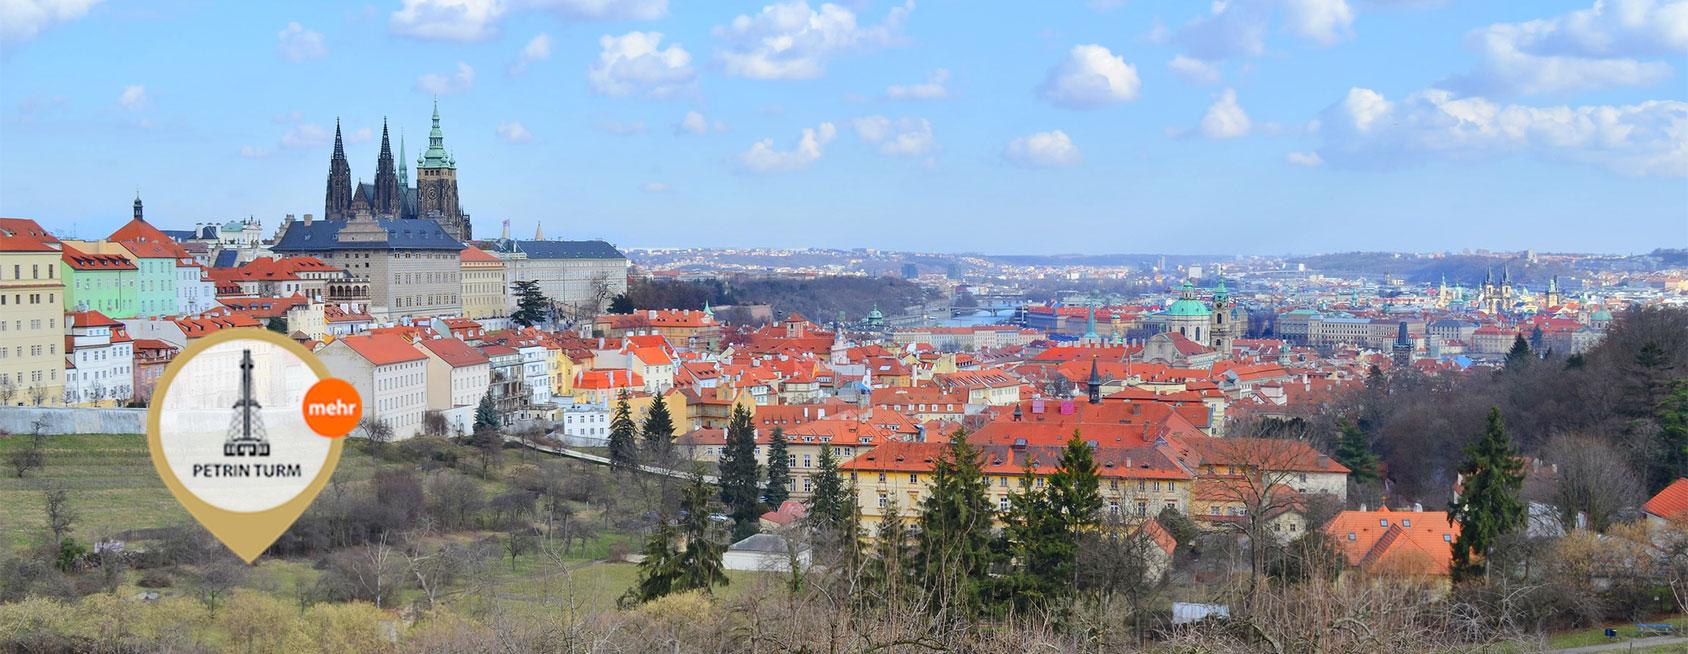 Petrin-Turm-Prag